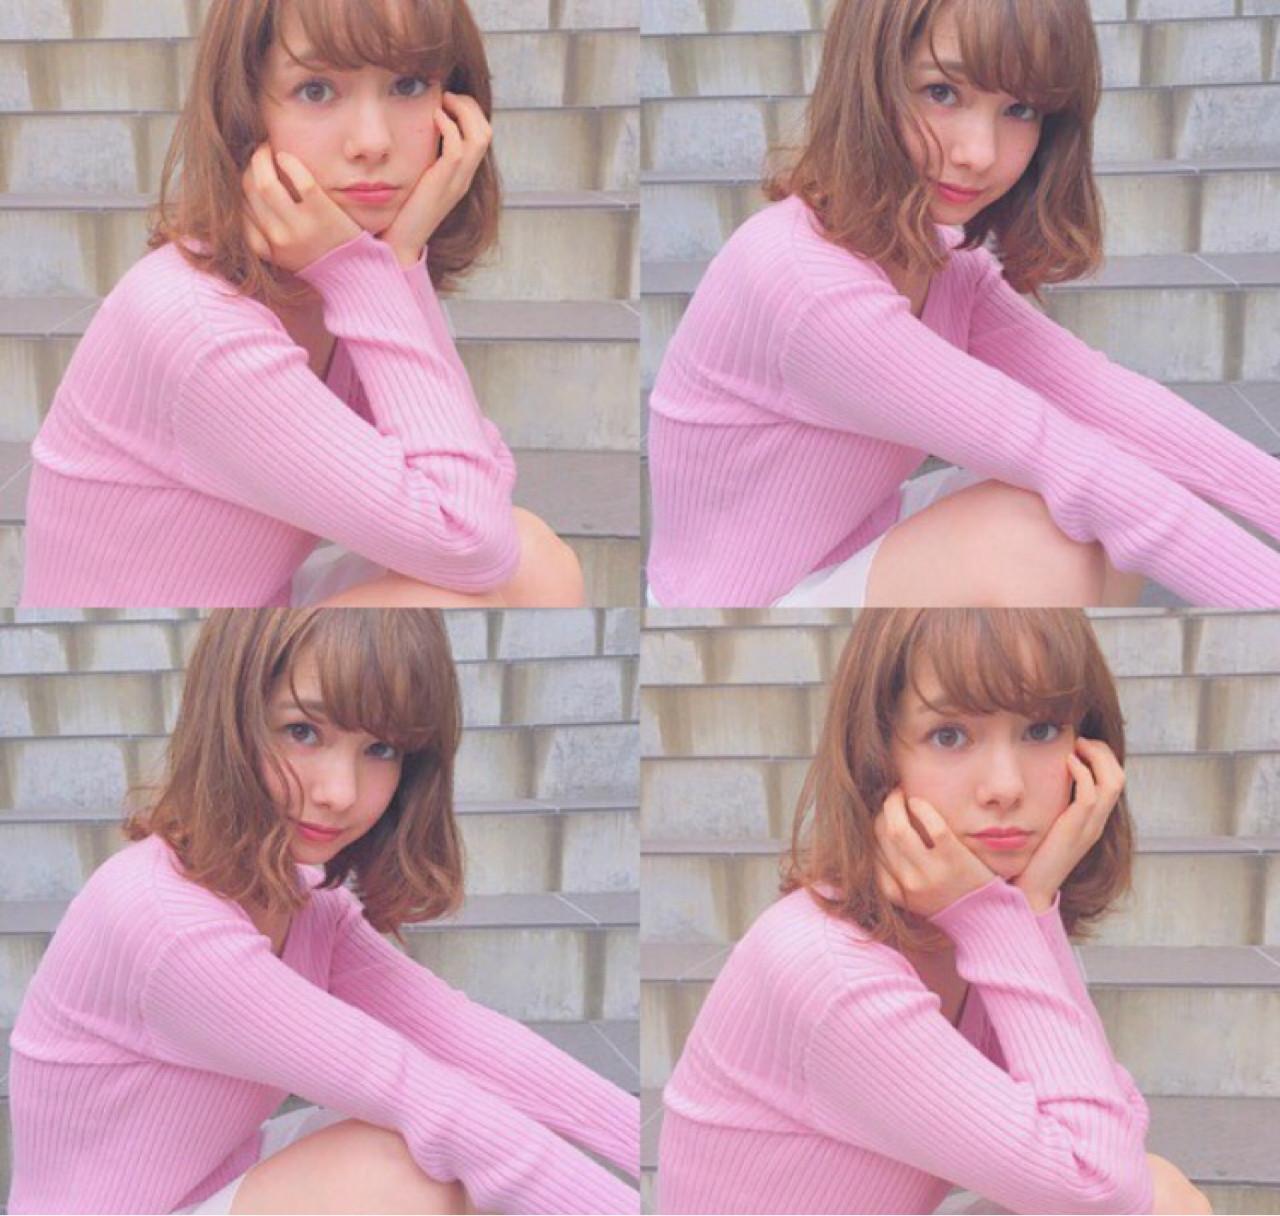 ミディアム くせ毛風 ピュア フェミニン ヘアスタイルや髪型の写真・画像 | 山本麻美 / CANAAN